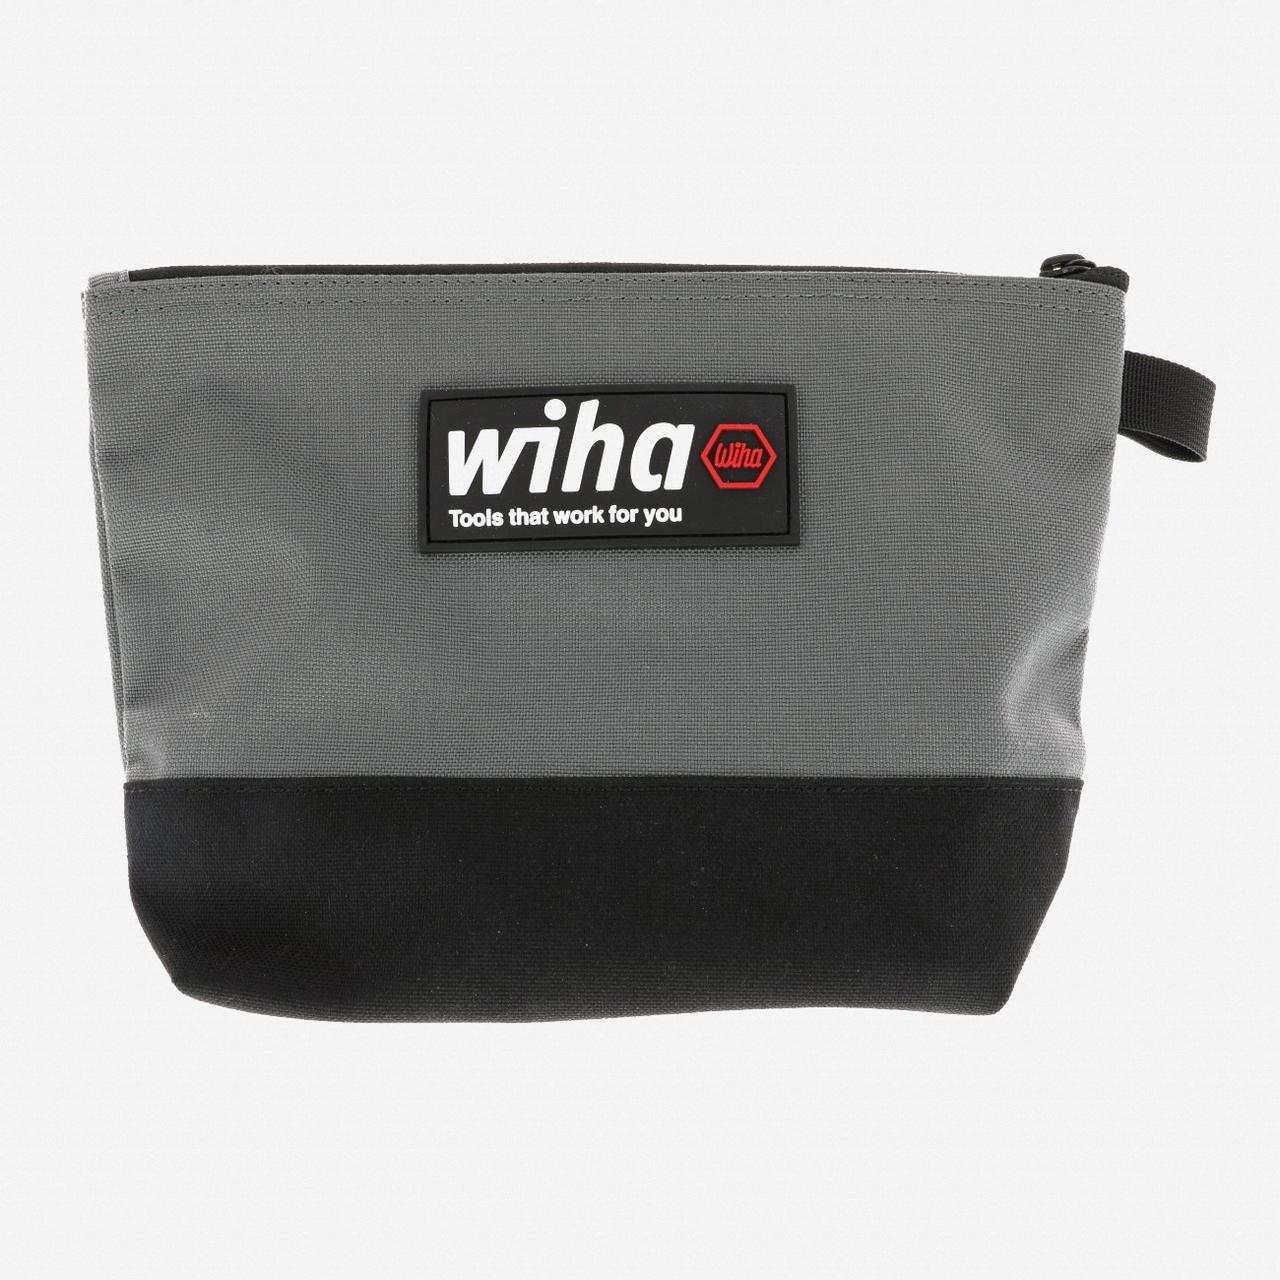 Wiha 91473 General Purpose Zipper Bag, Black/Grey - KC Tool